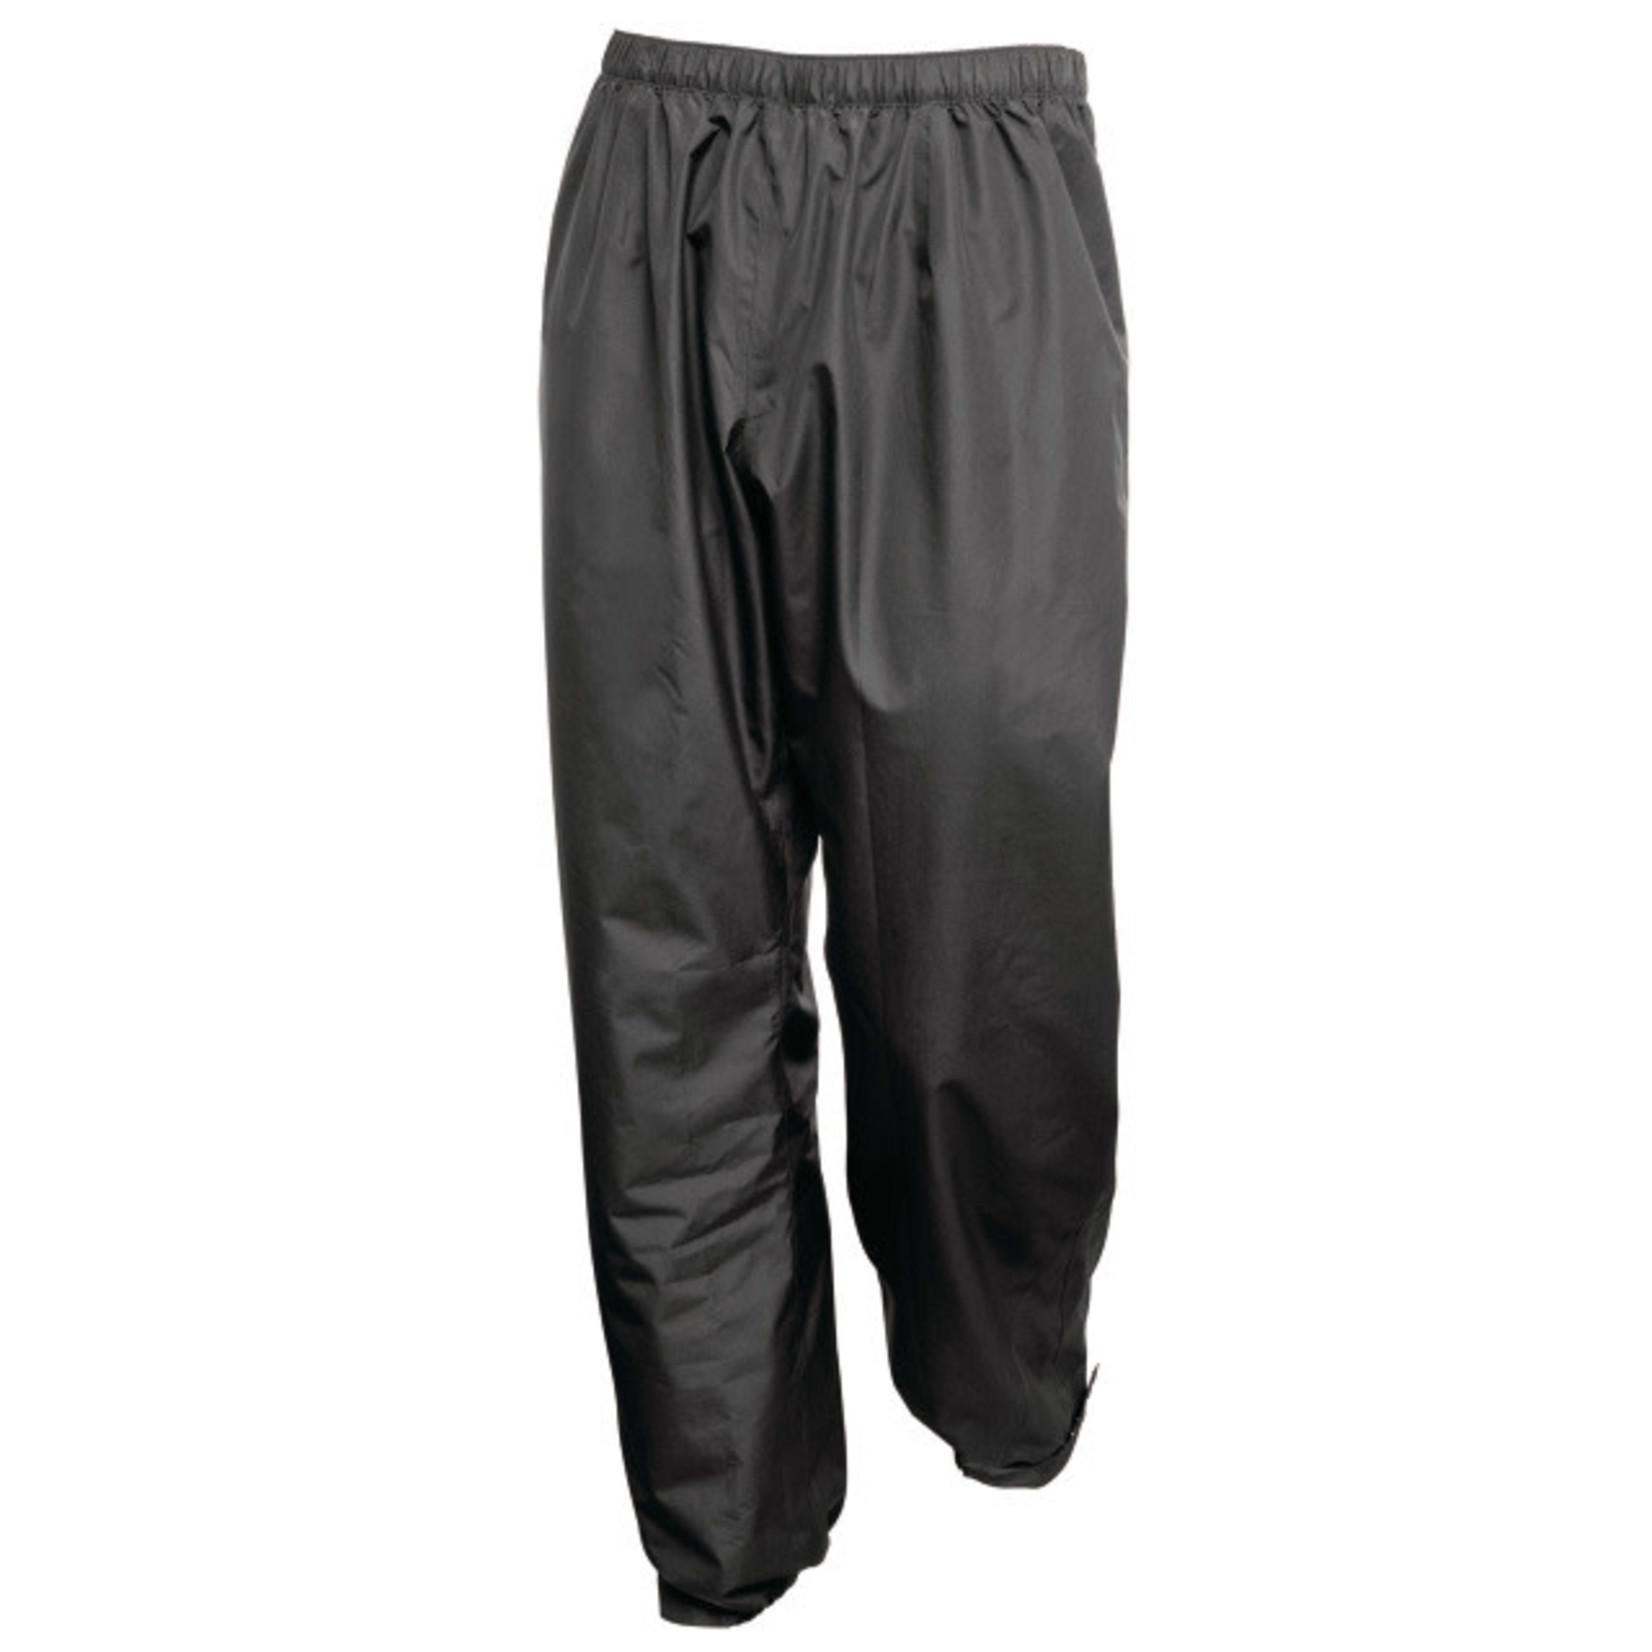 AGU AGU GO! Unisex pantalone Regen antracite